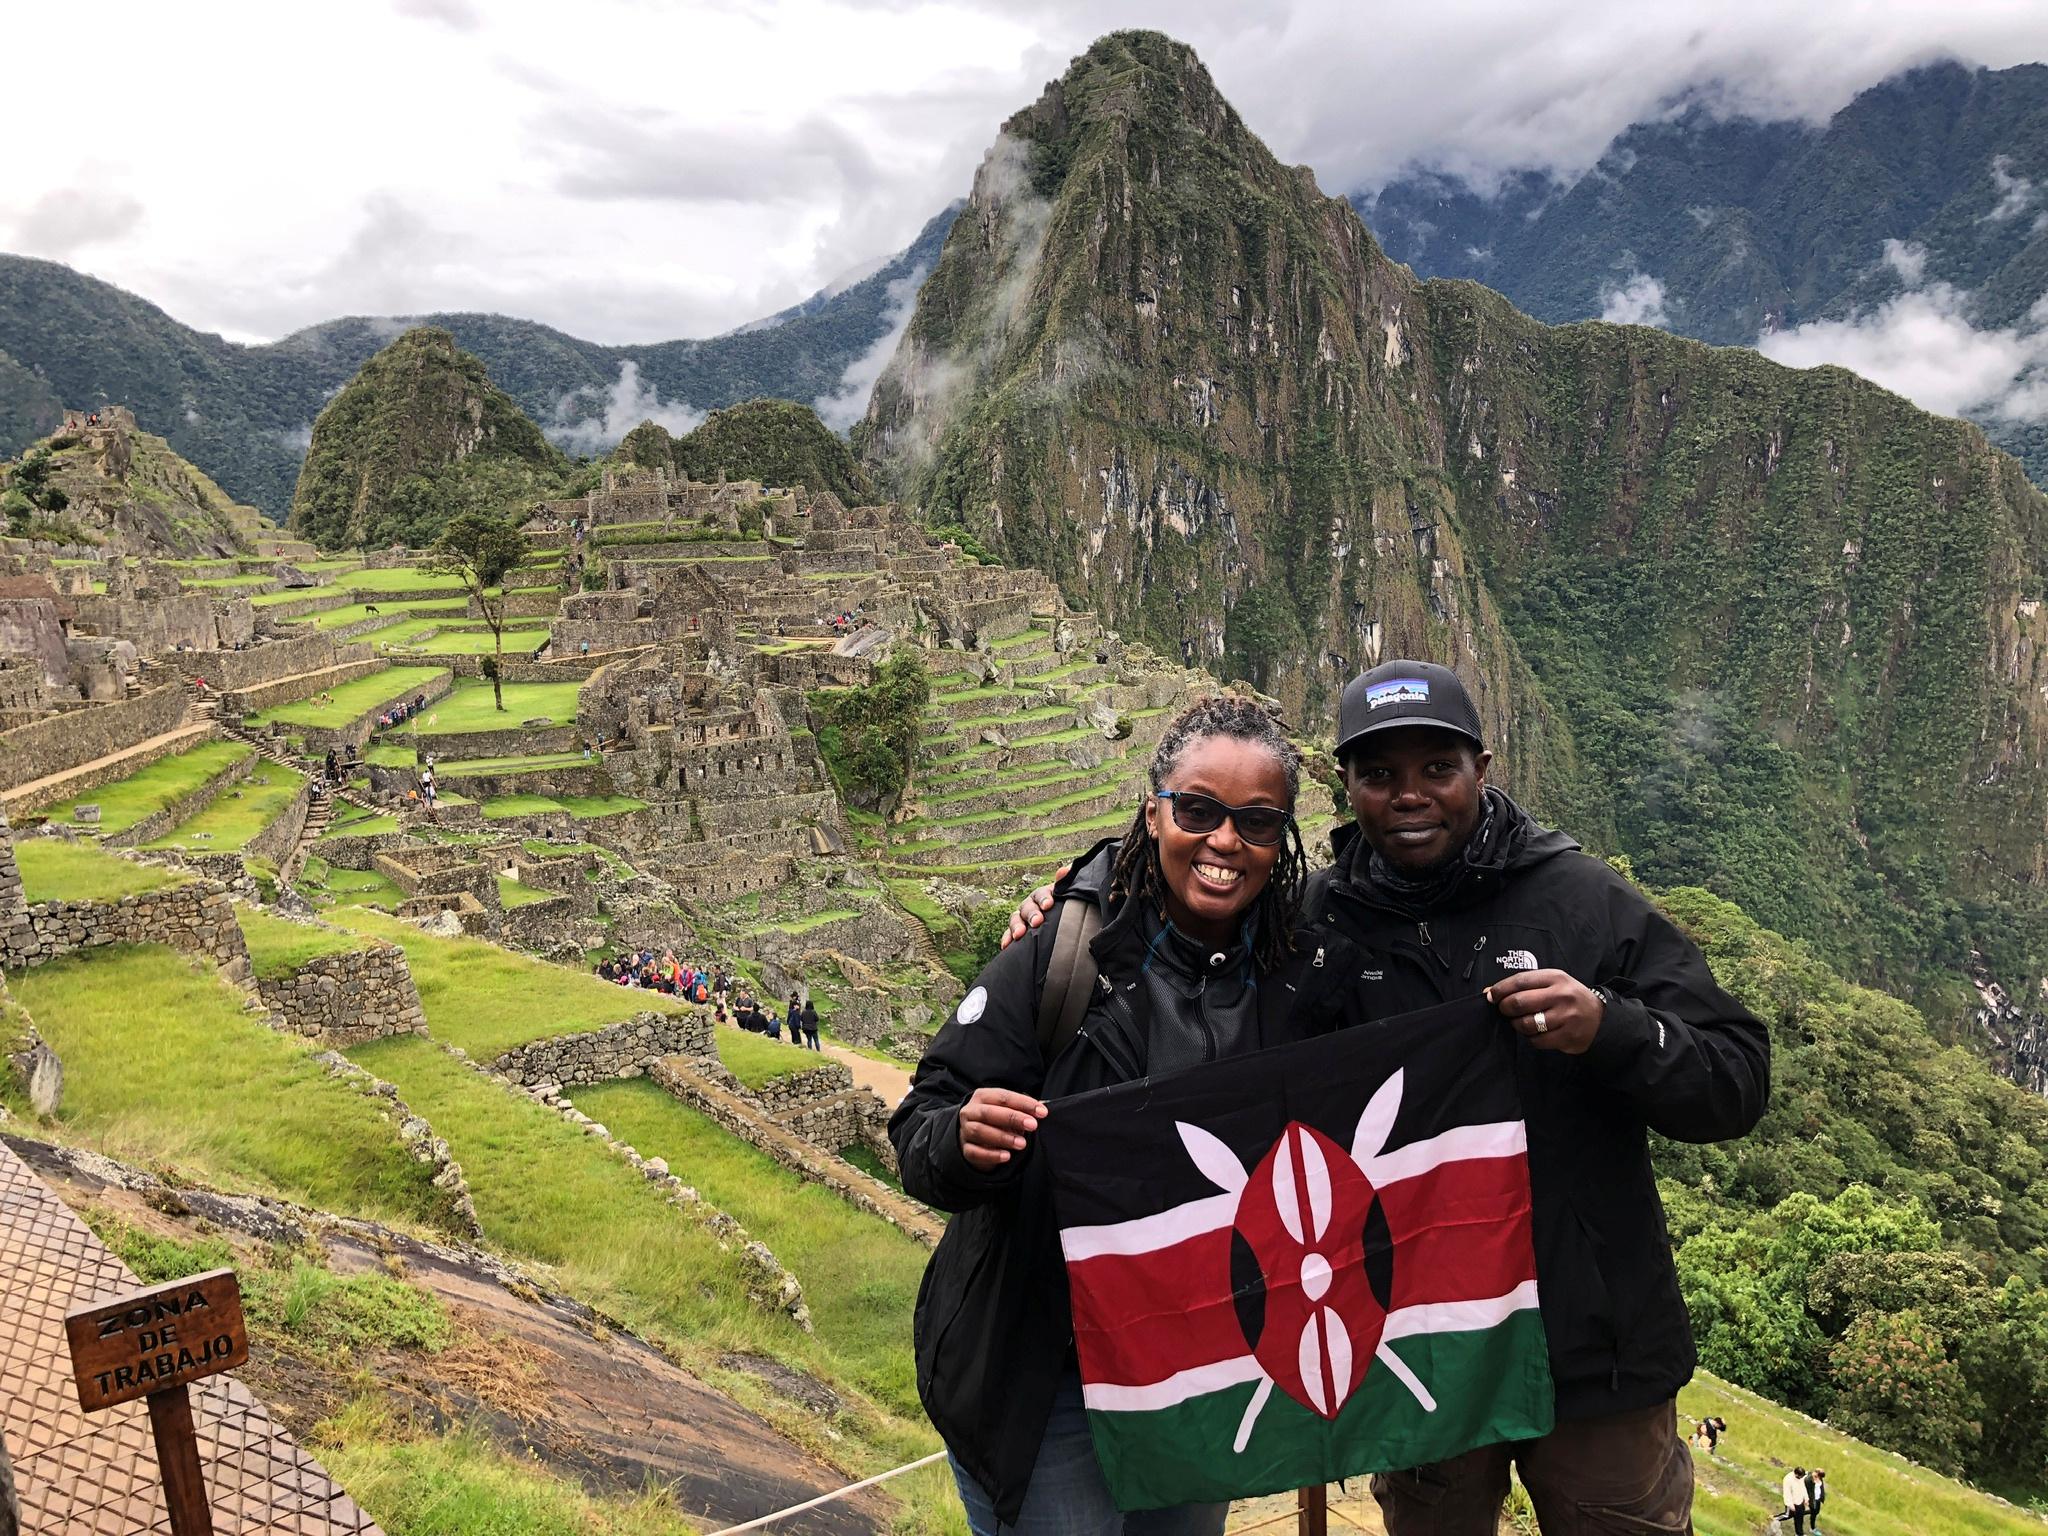 Ανοίγει και πάλι το Μάτσου Πίτσου στο Περού